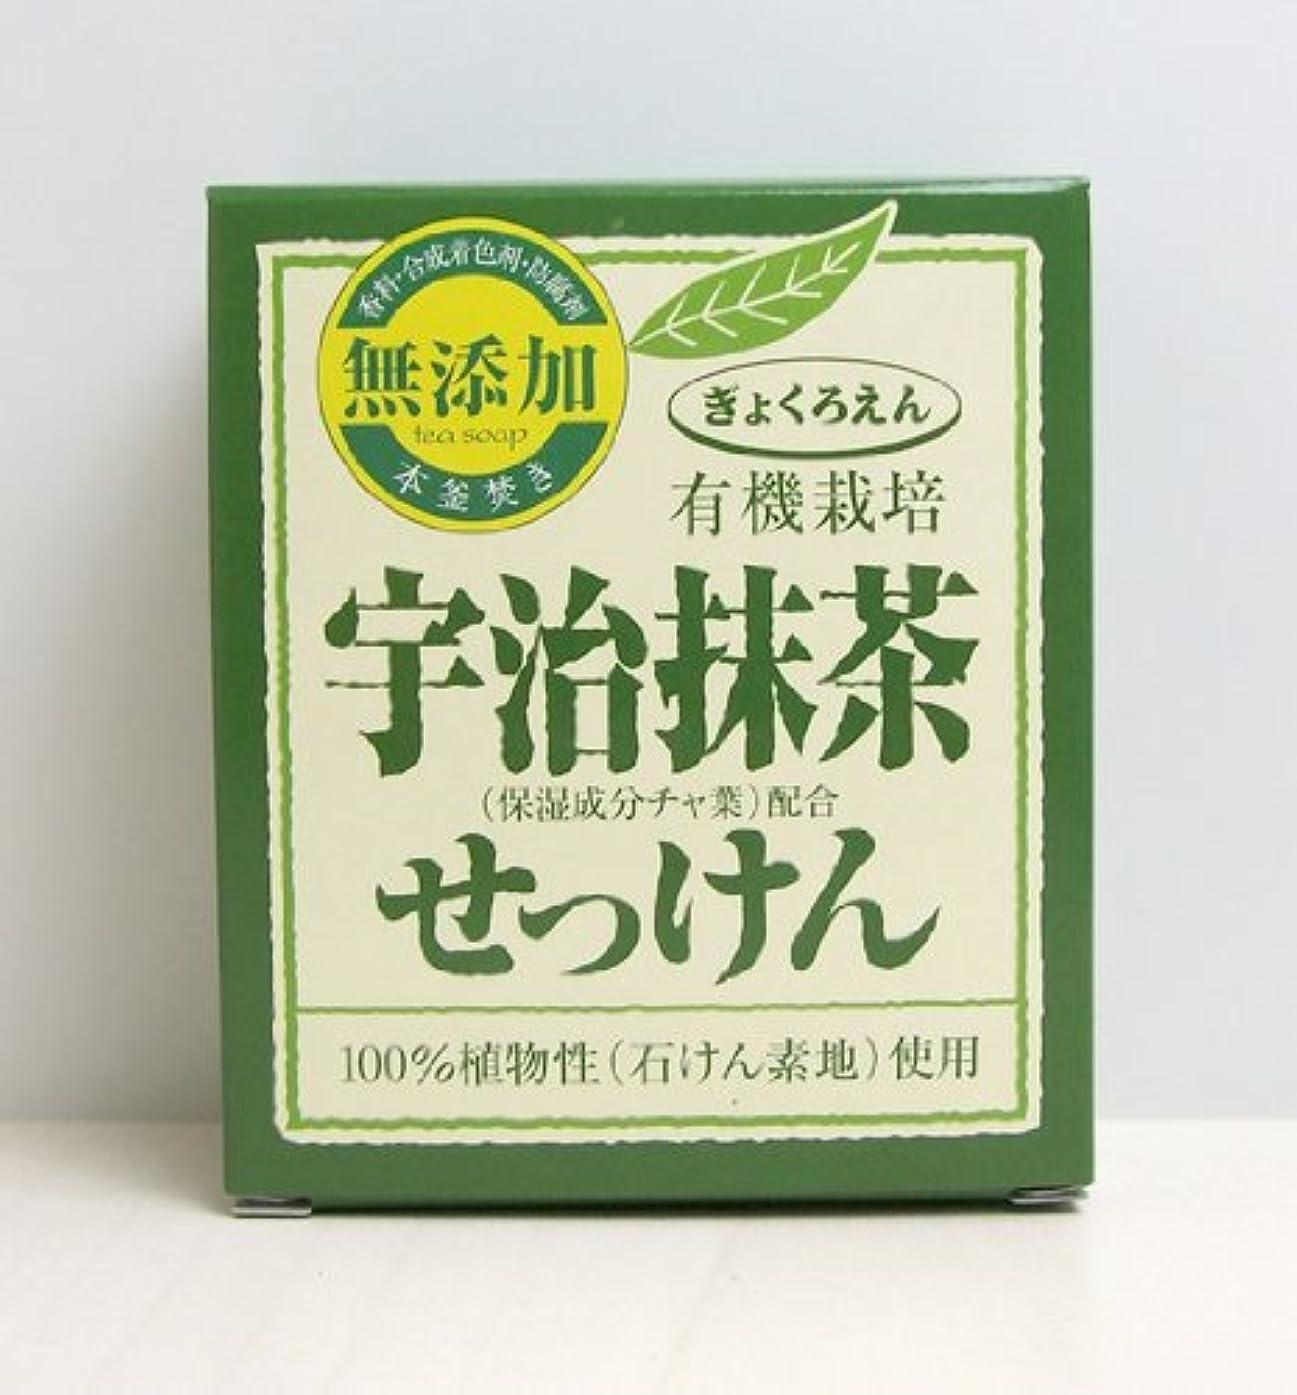 自動的に精度キャップお茶のせっけん:有機栽培宇治抹茶せっけん